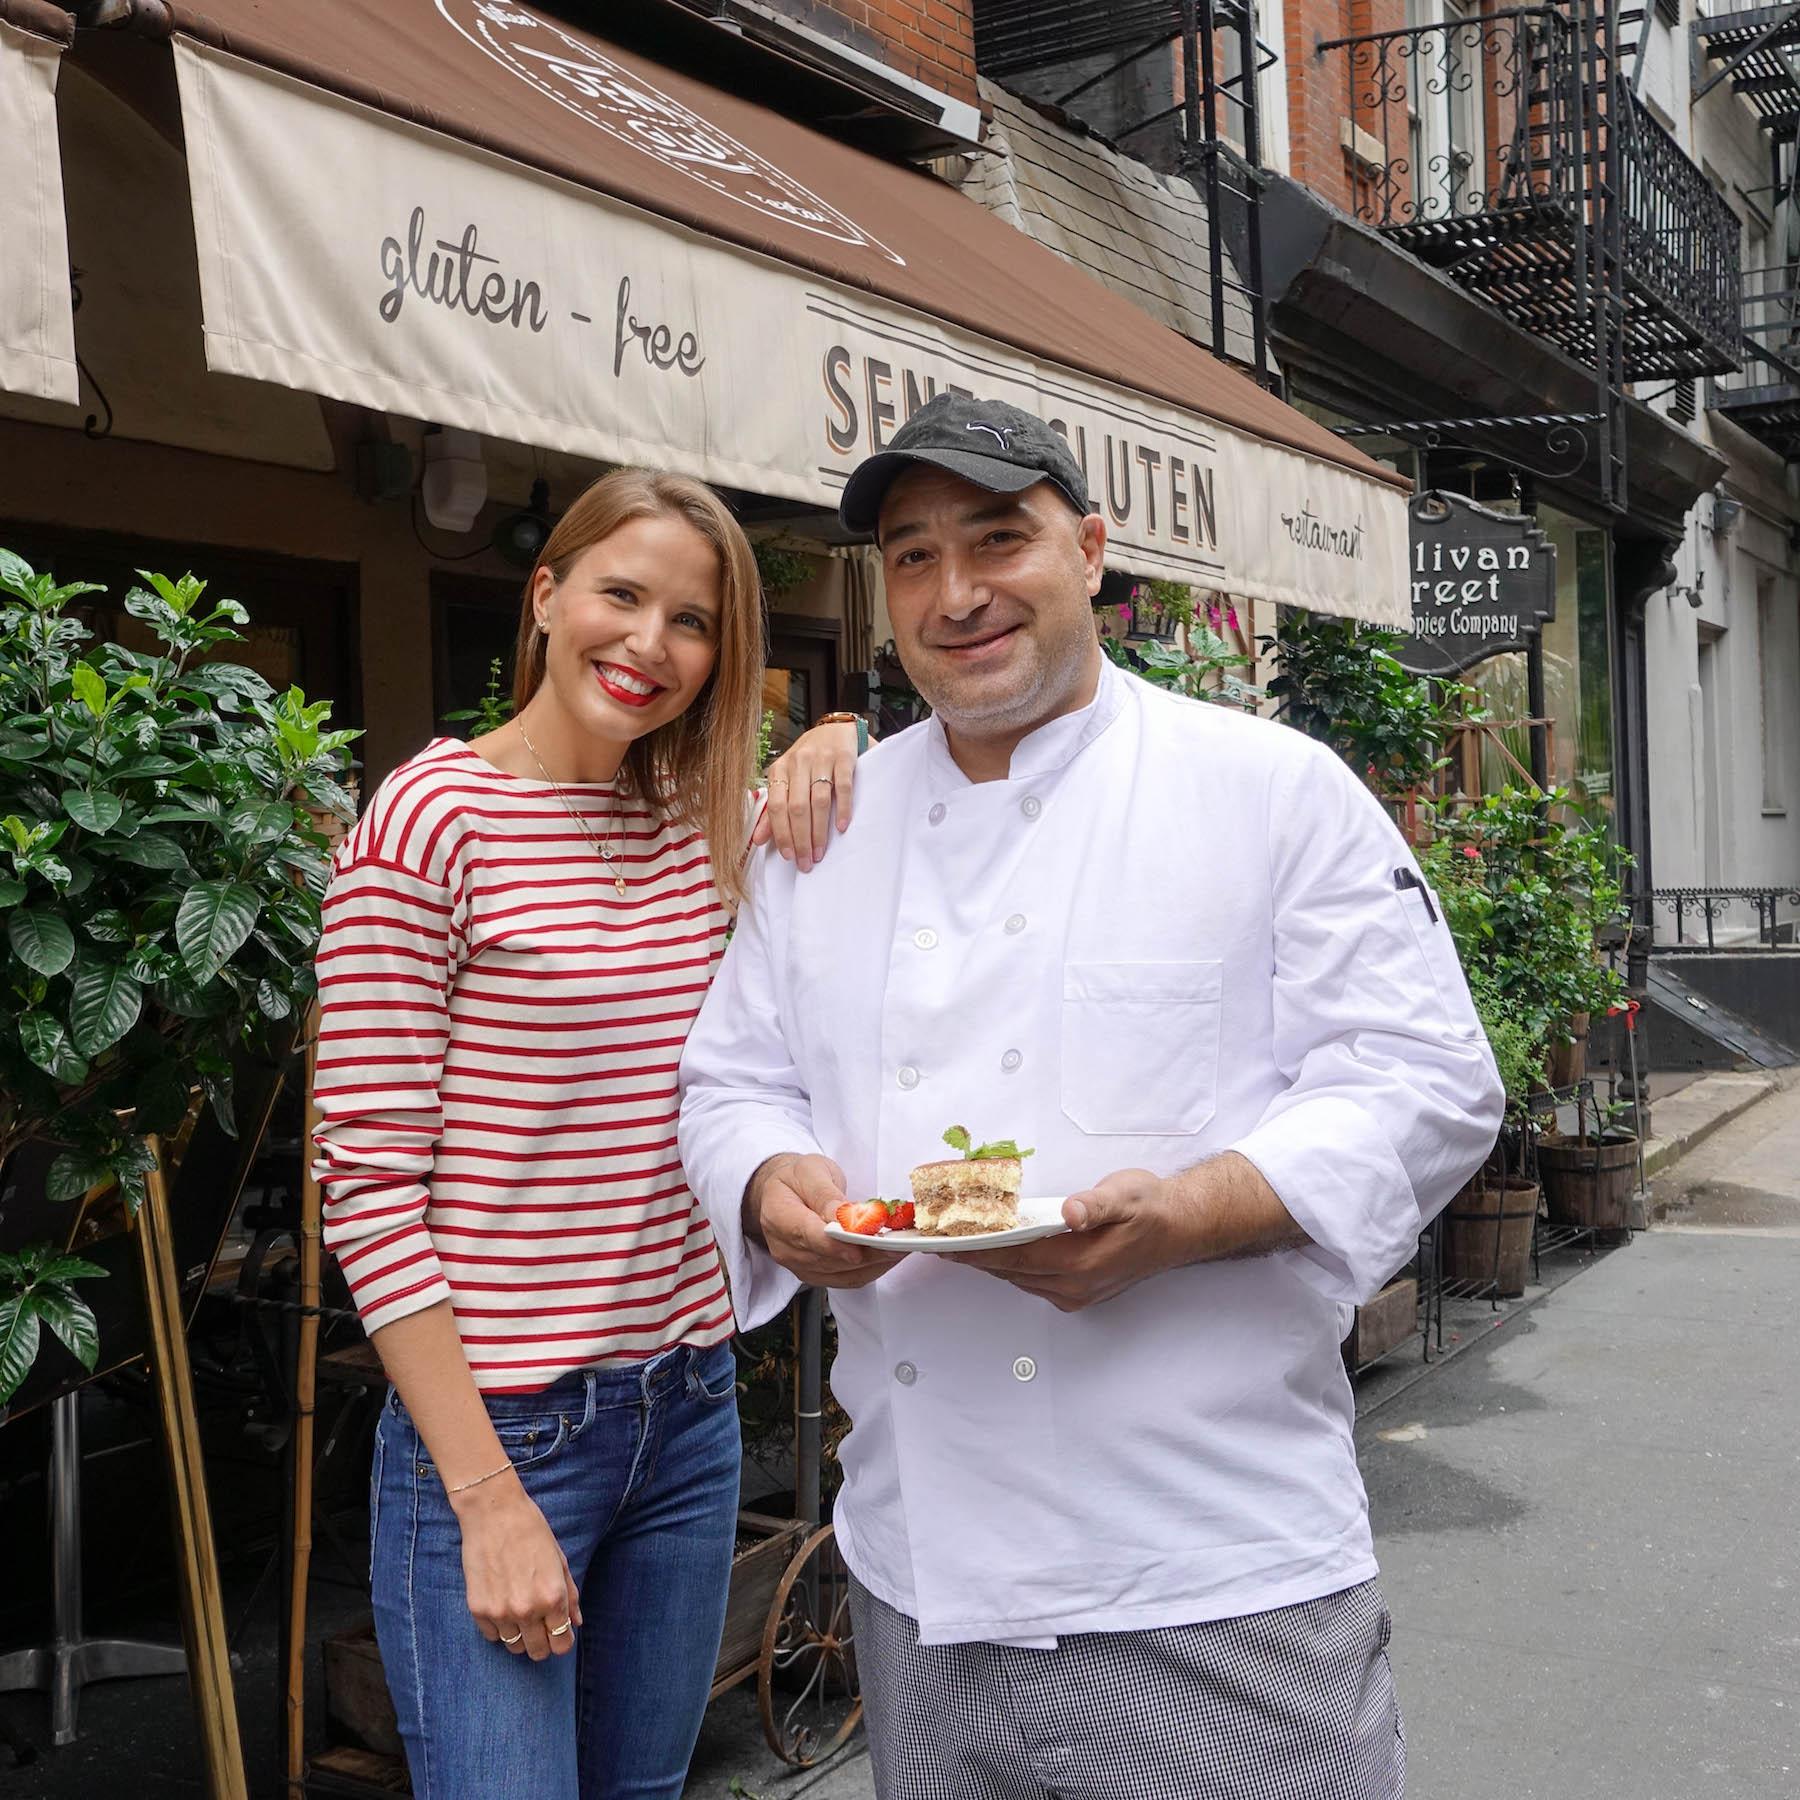 glutenfrei italienisch essen in New York Senza Gluten suelovesnyc_glutenfrei_italienisch_essen_in_new_York_senza_gluten